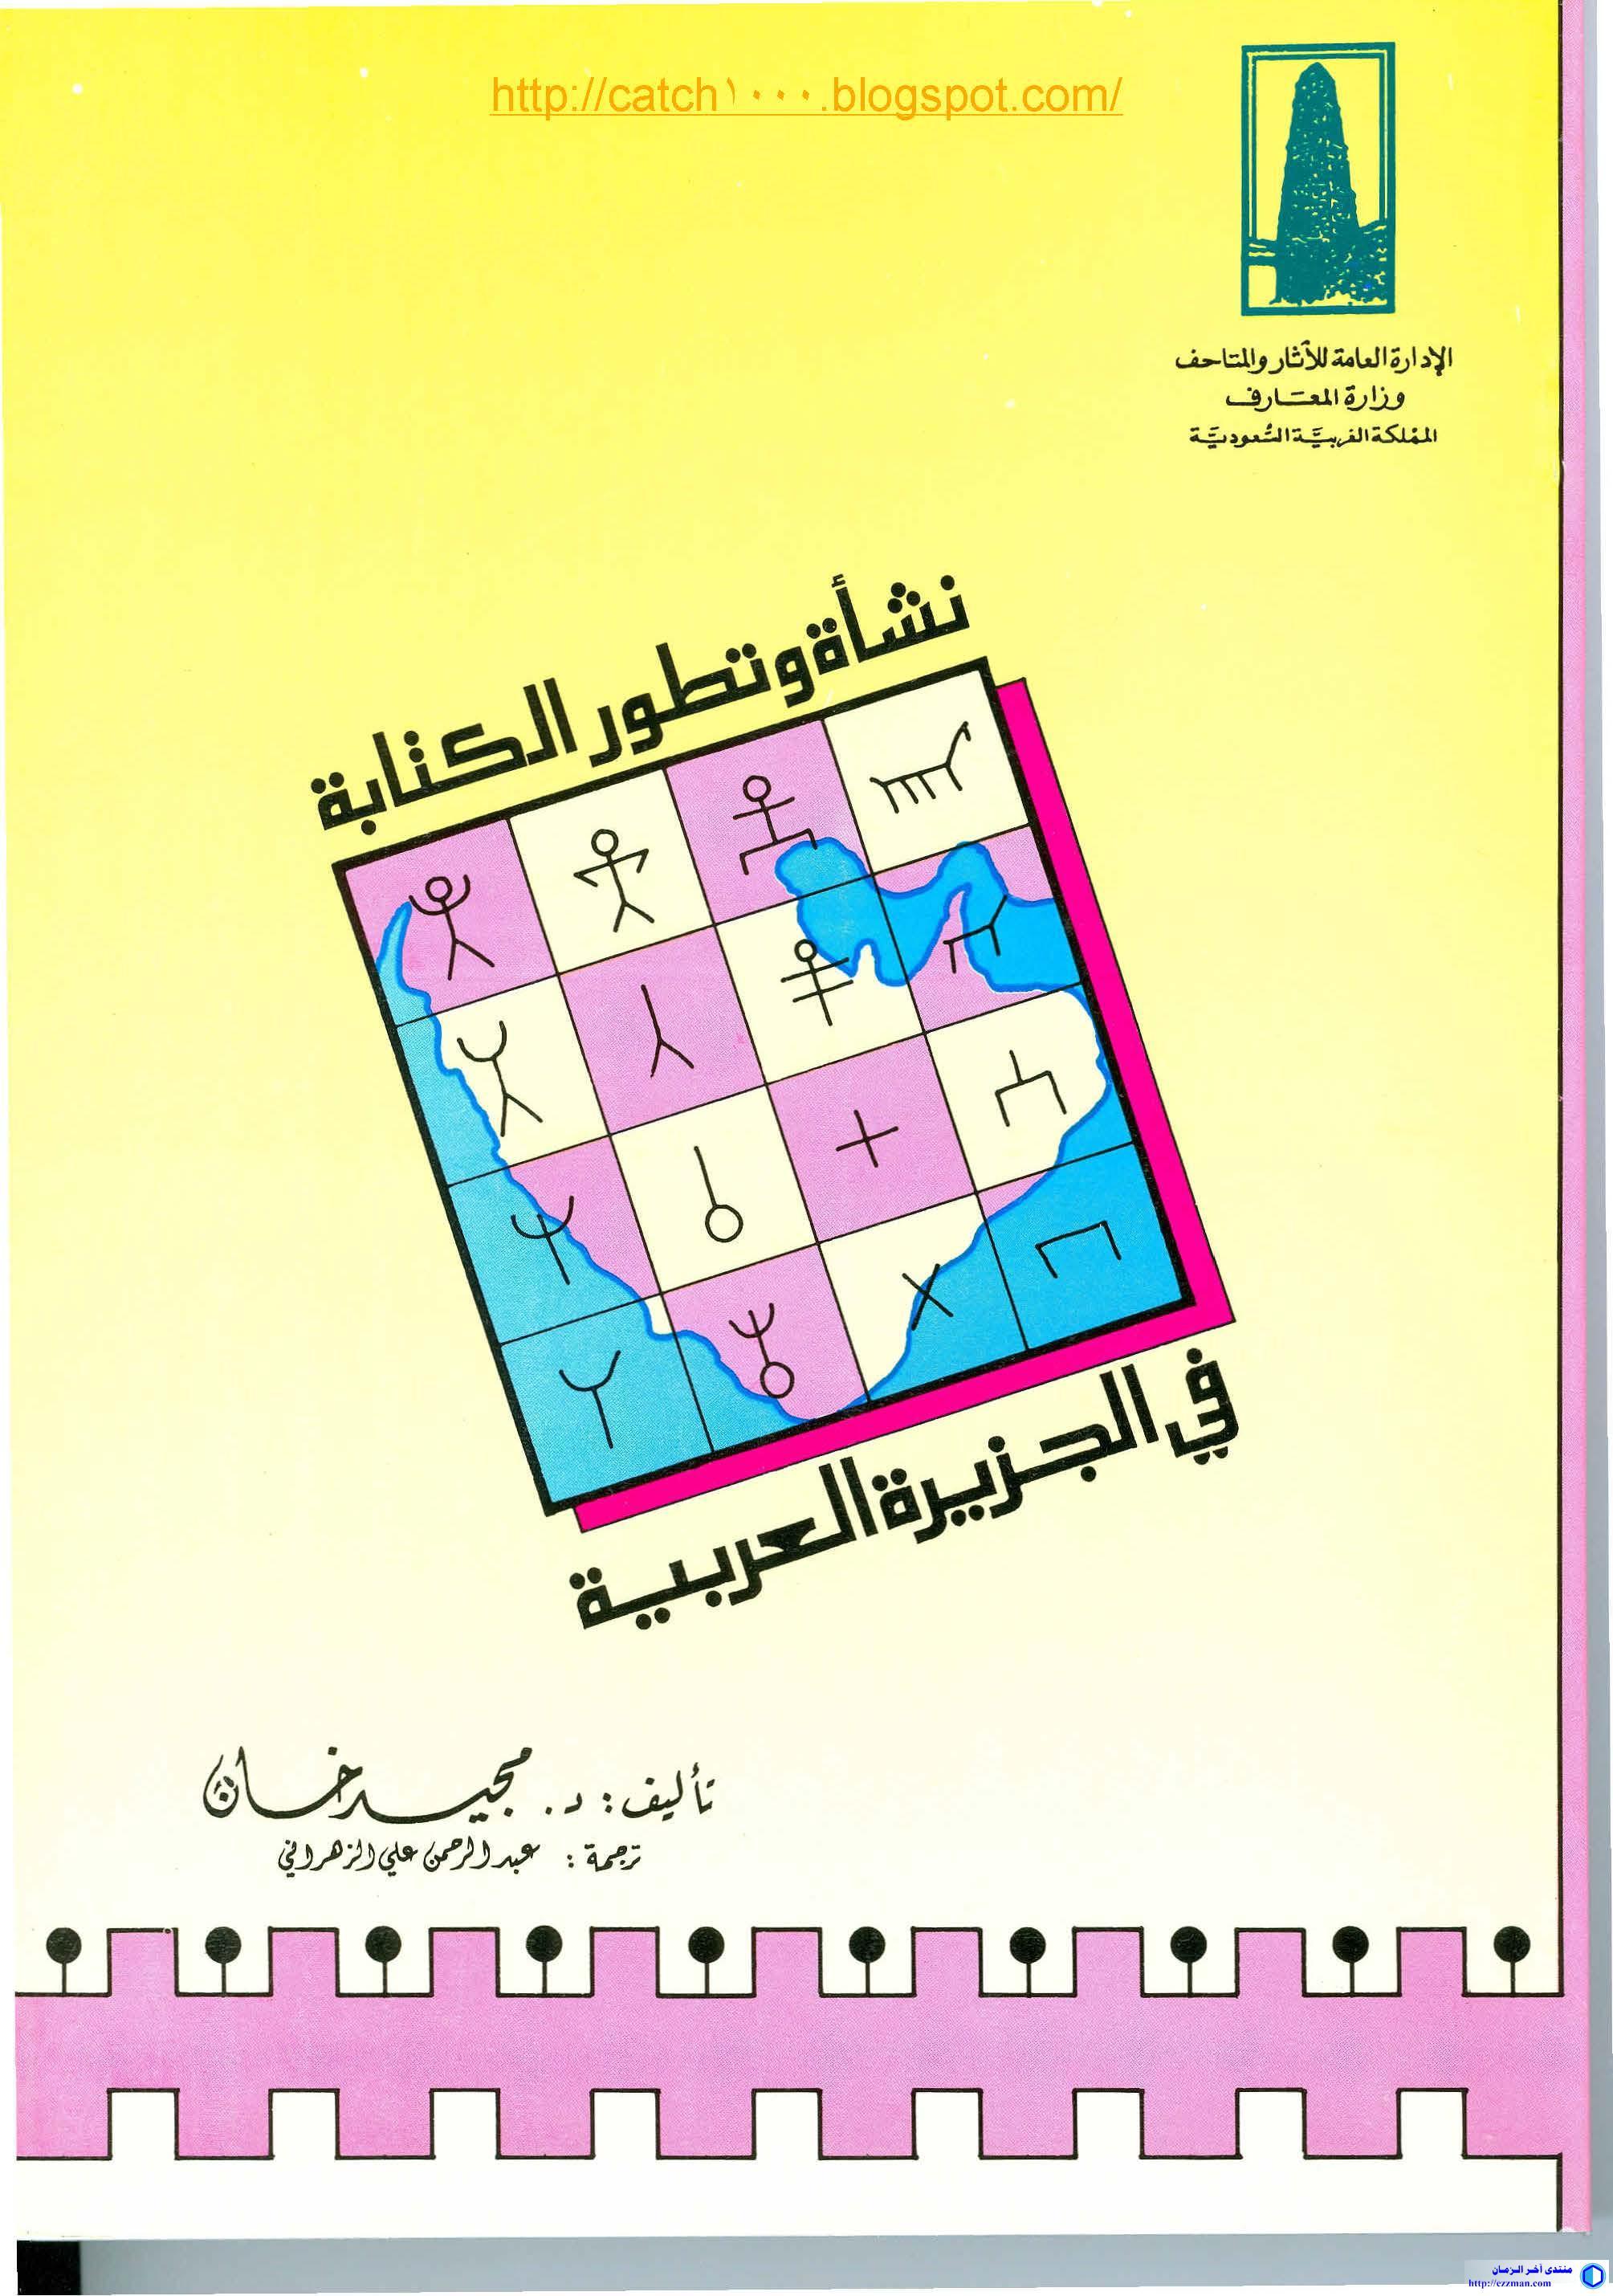 نشأة وتطور الكتابة الجزيرة العربية